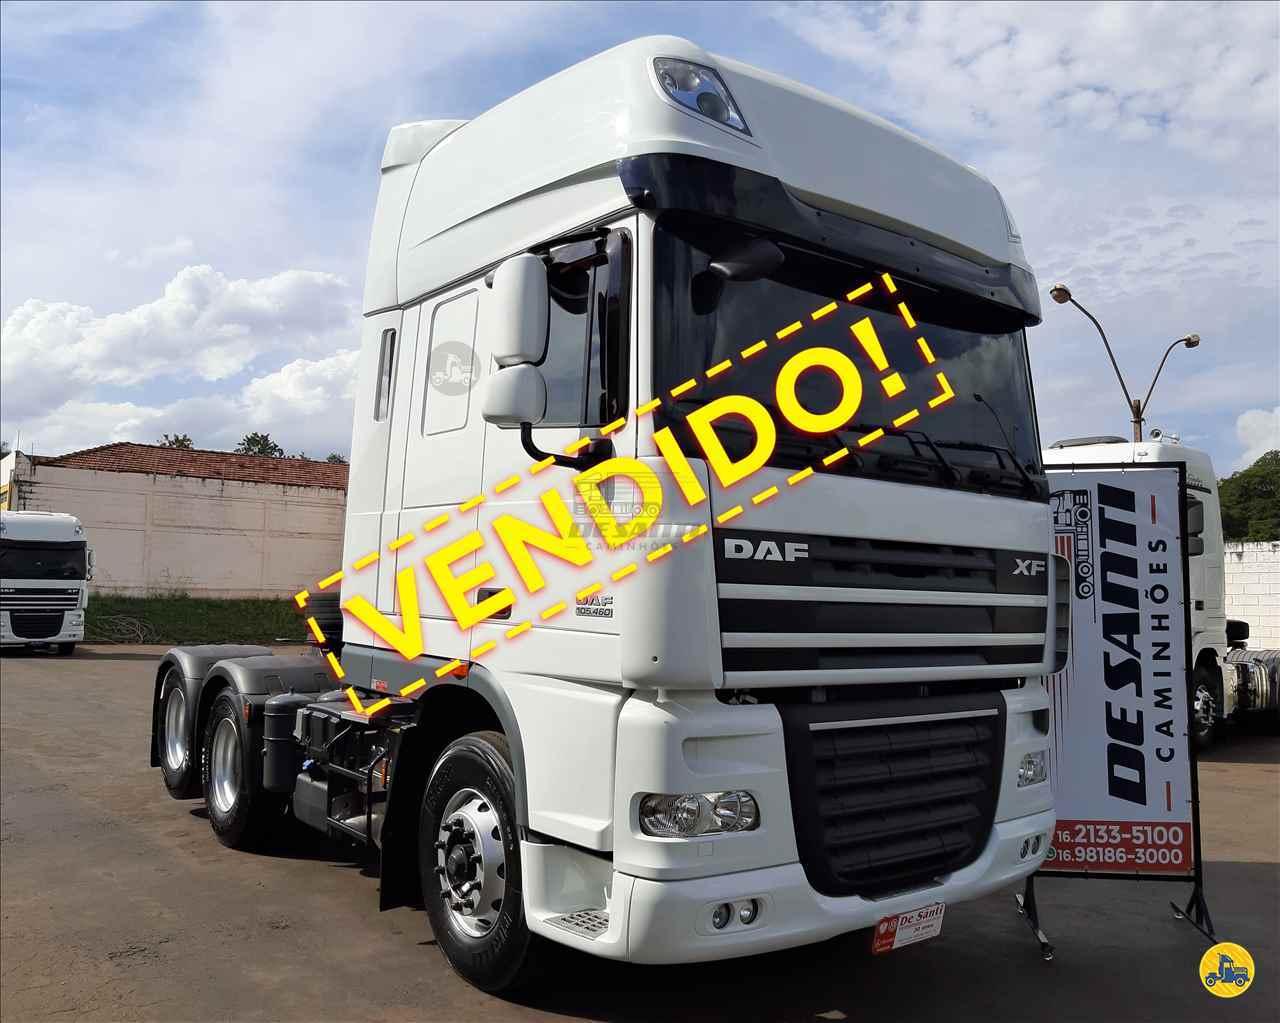 DAF XF105 460 de De Santi Caminhões - RIBEIRAO PRETO/SP